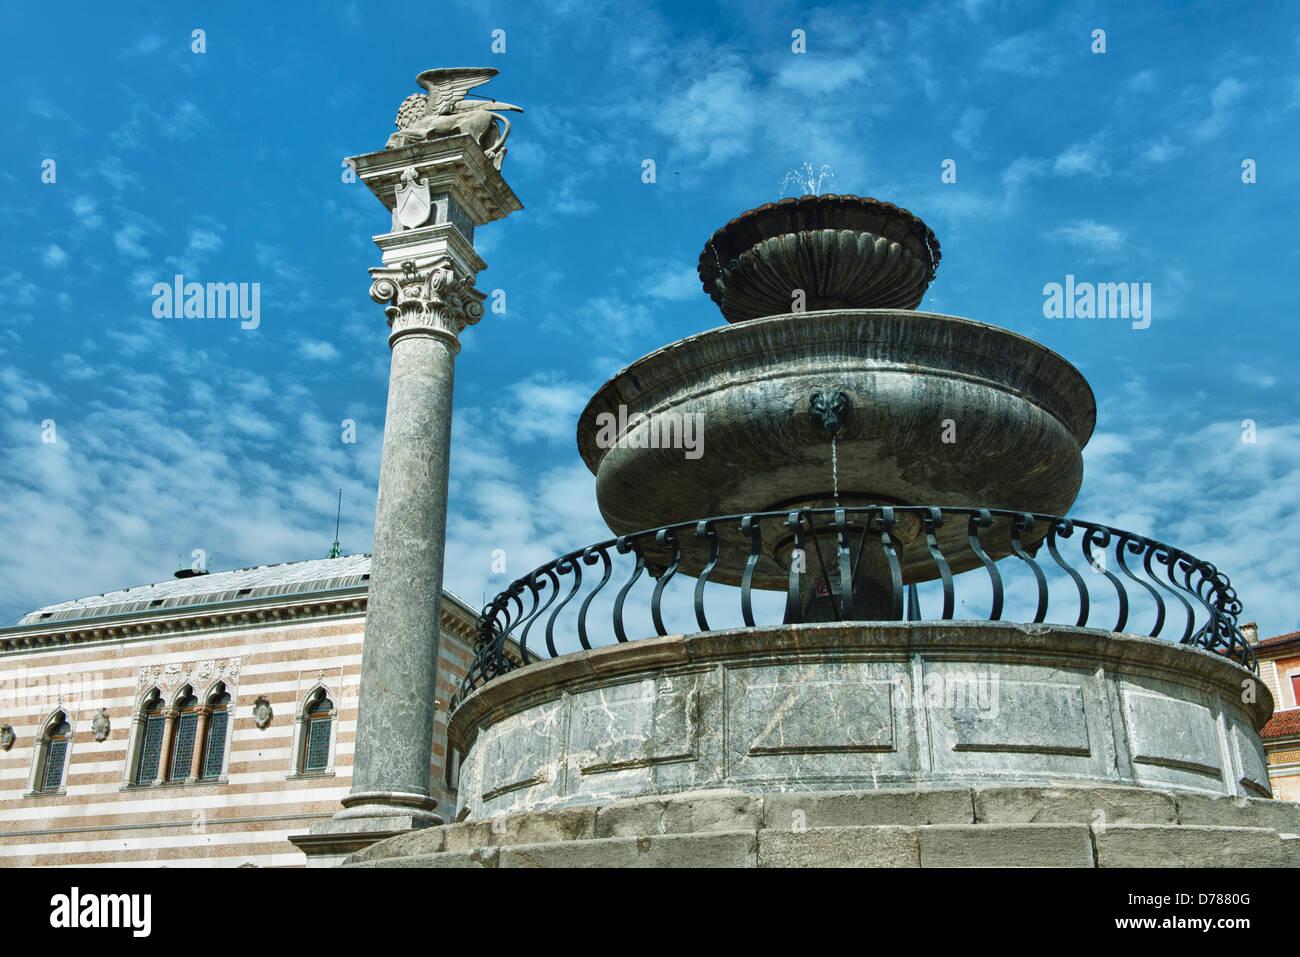 The fountain in Piazza Libertà in Udine - Stock Image